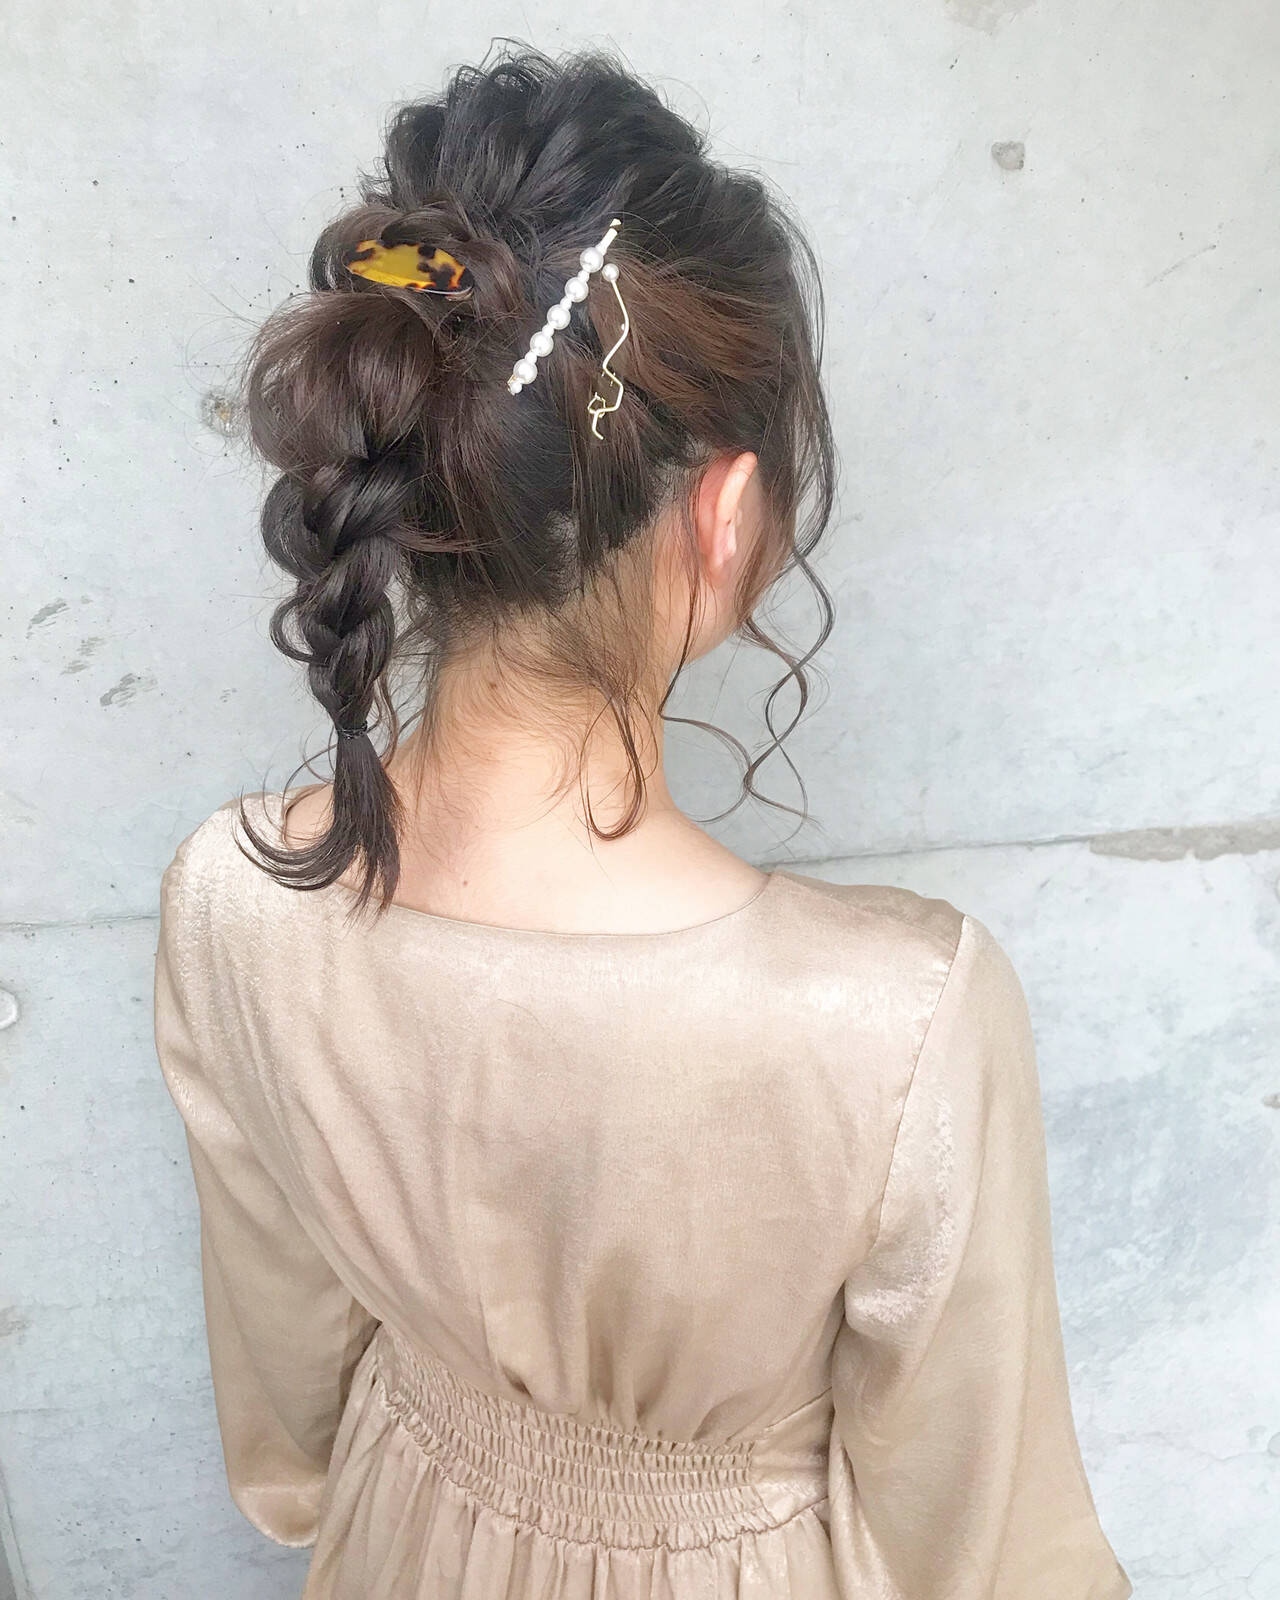 ナチュラル 結婚式ヘアアレンジ ヘアアレンジ 結婚式髪型ヘアスタイルや髪型の写真・画像